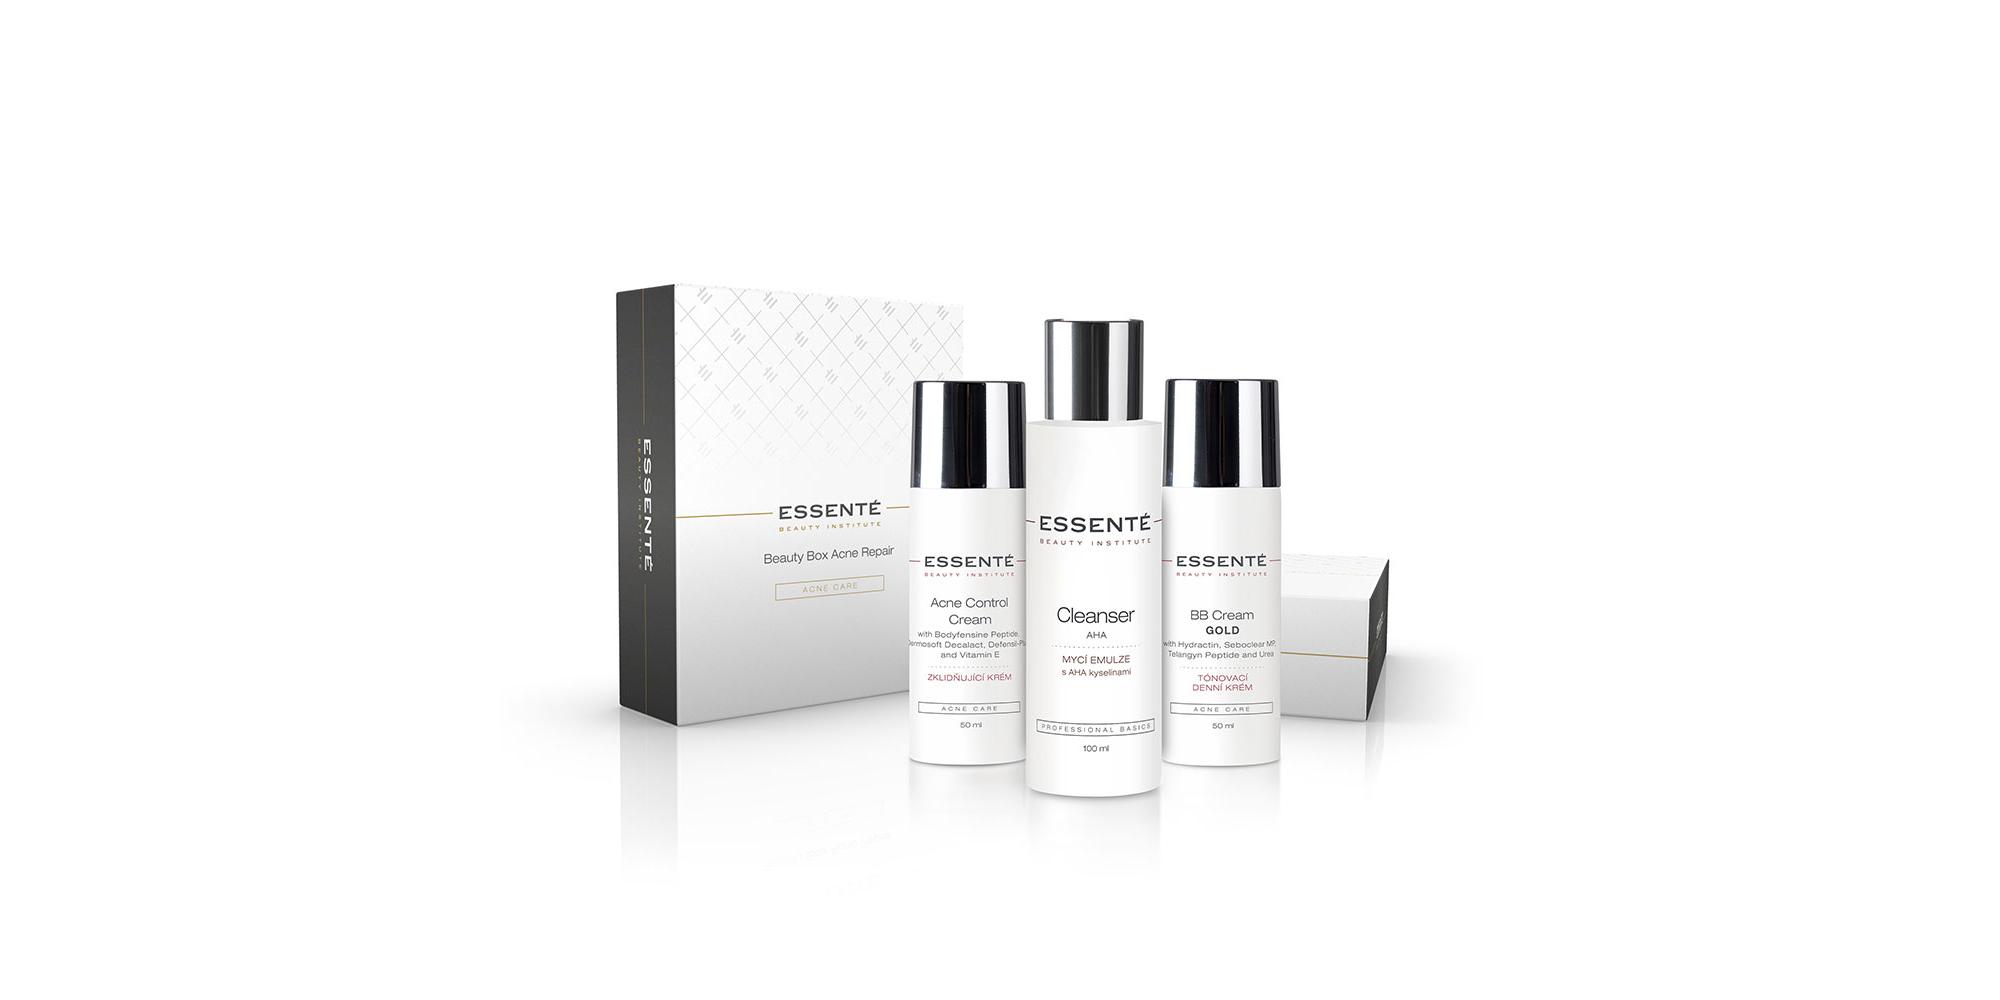 Essenté Beauty Box pro prevenci tvorby akné (Beauty Box Acne Repair)